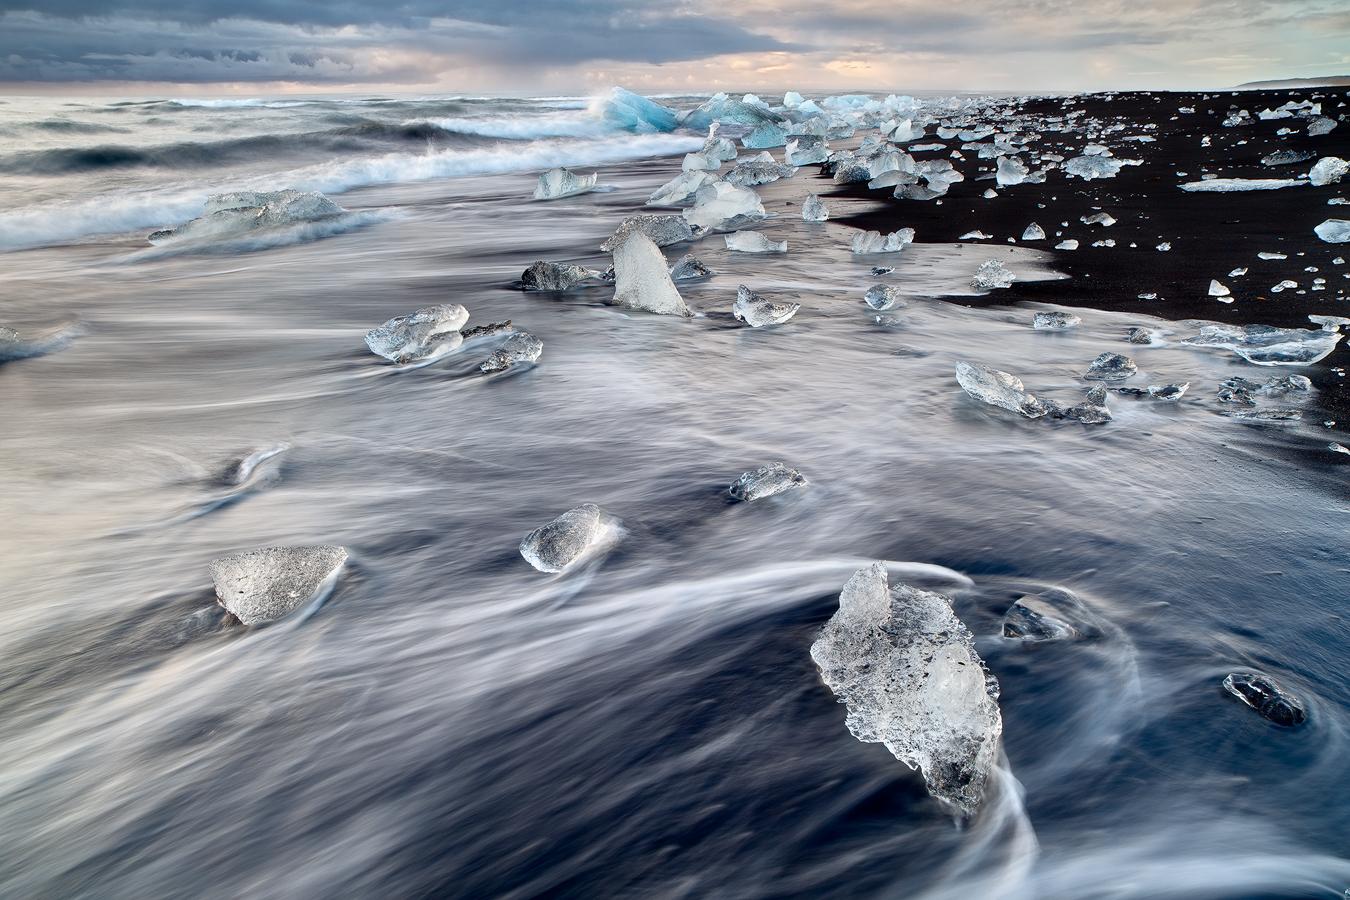 아이슬란드 남부해안에 위치한 매력적인 다이아몬드 해변의 빙하들은 놓쳐서는 안될 멋진 모습을 자랑합니다.